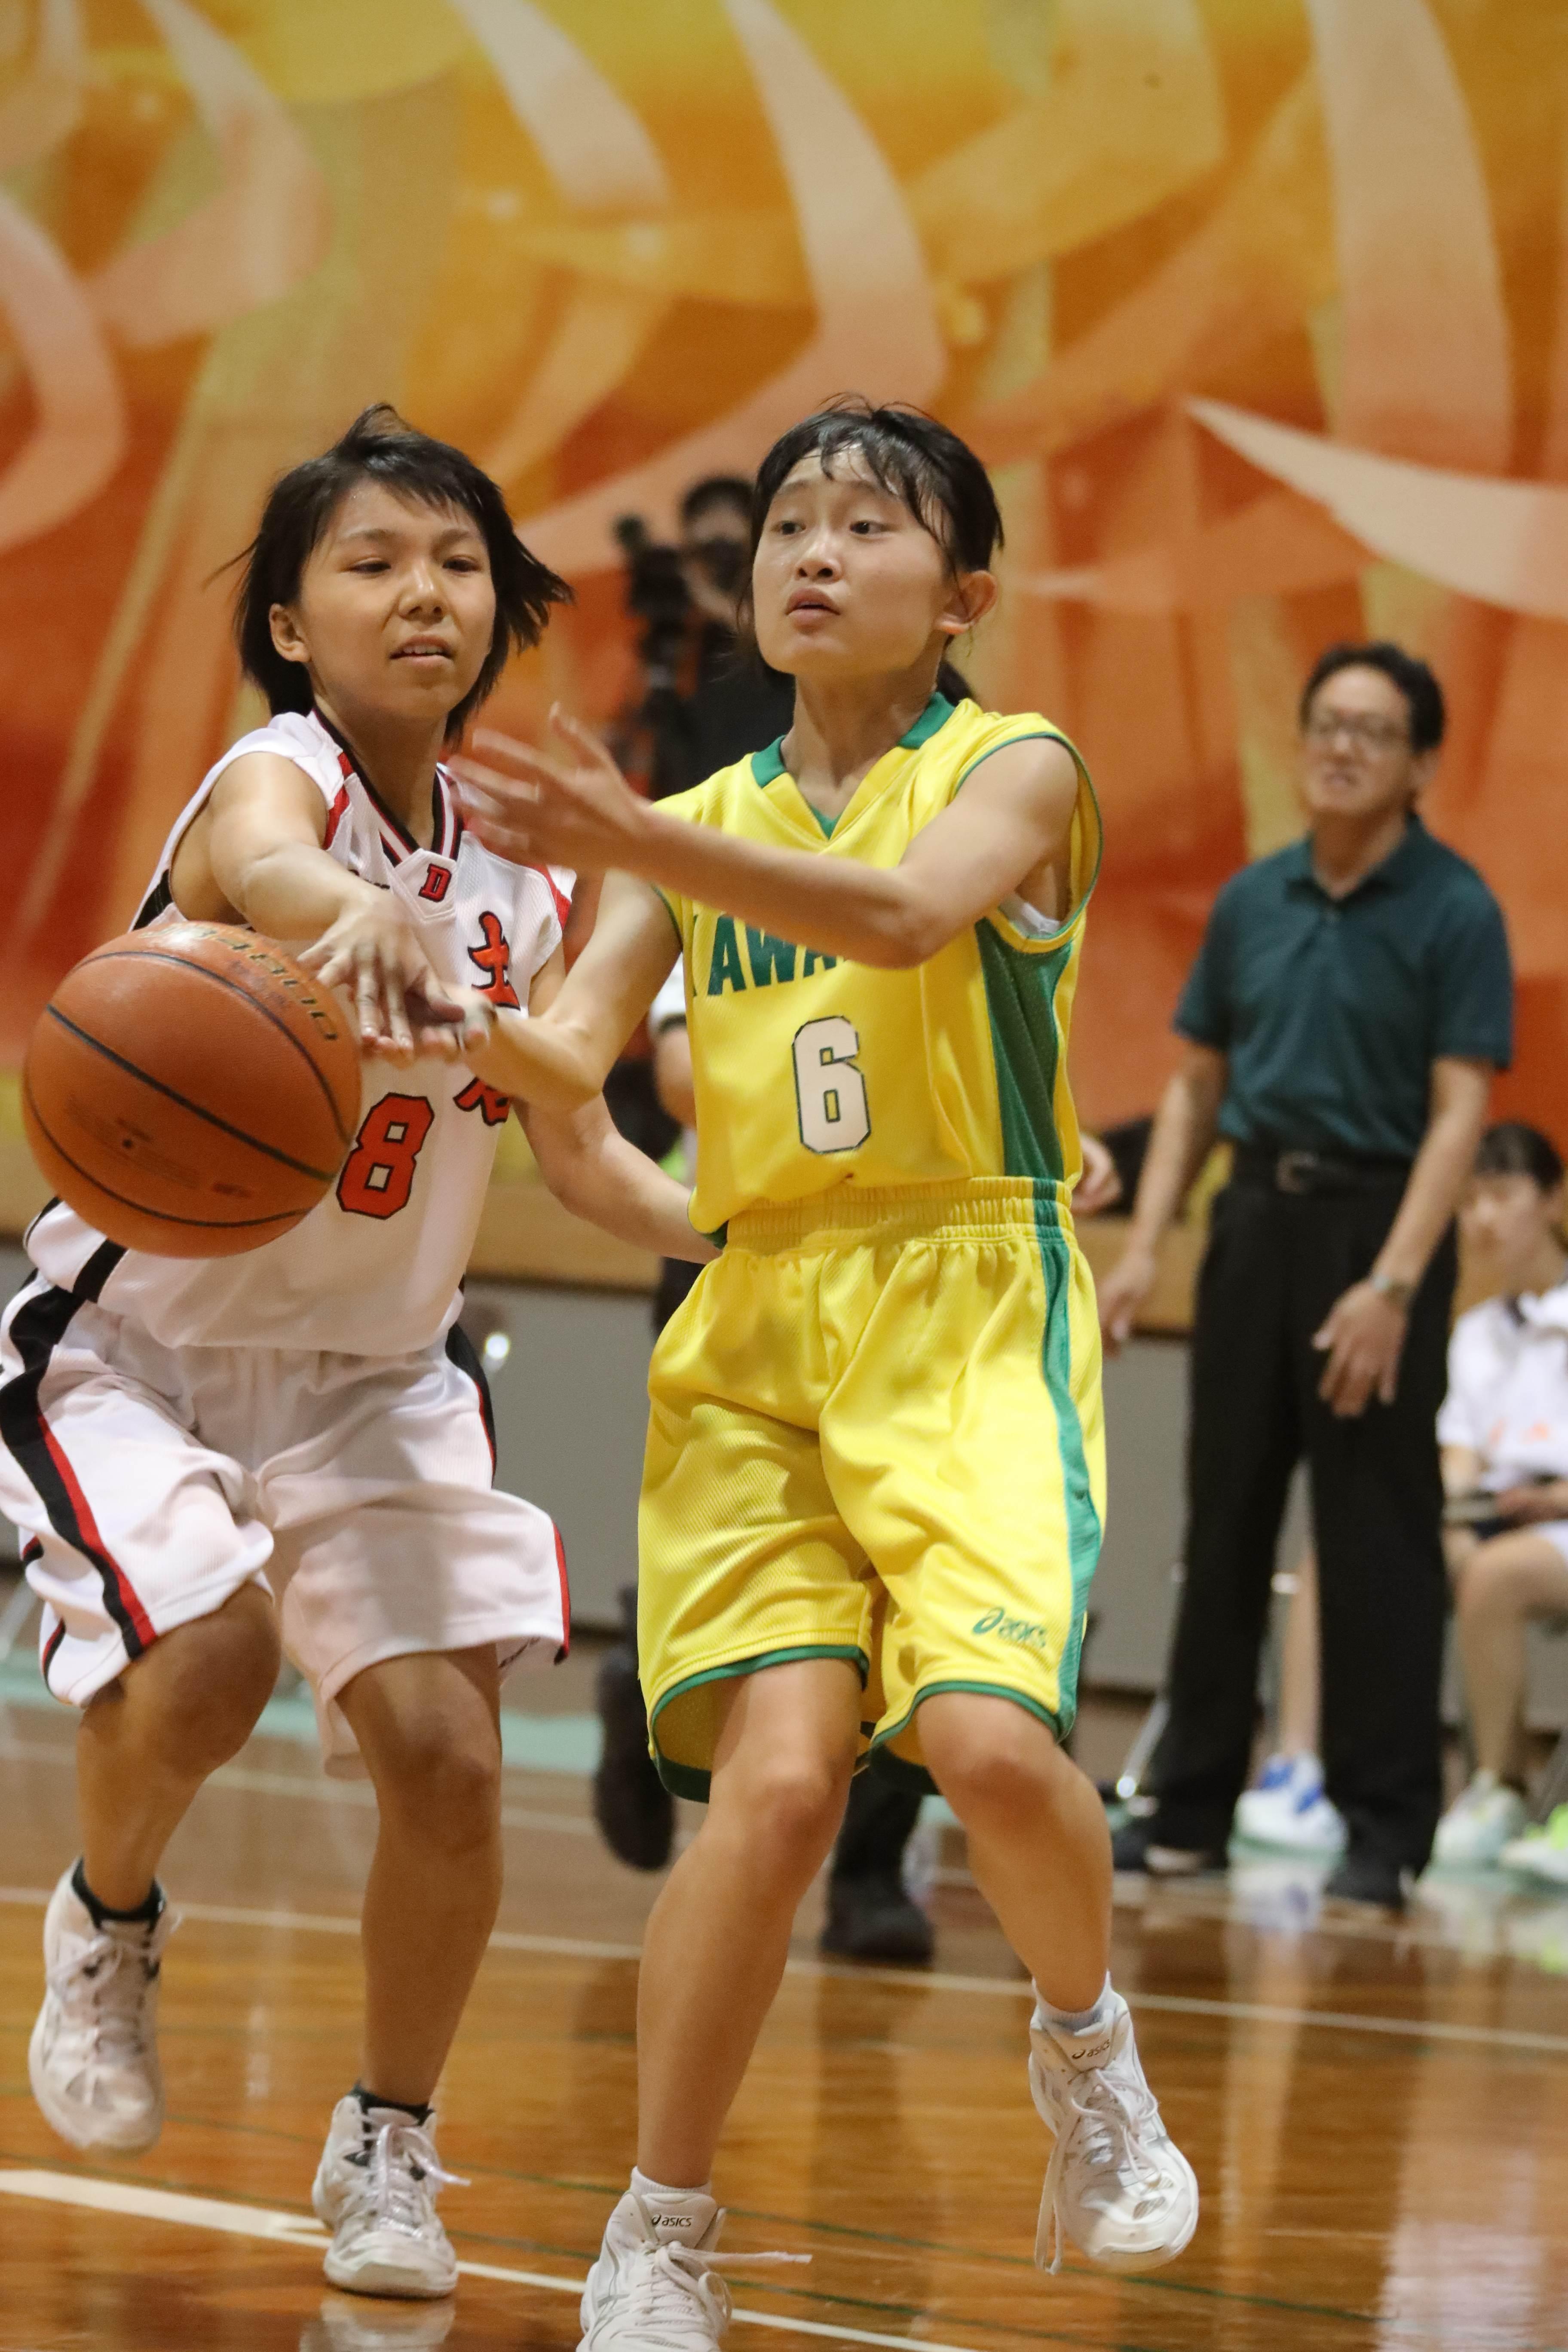 バスケットボール (24)